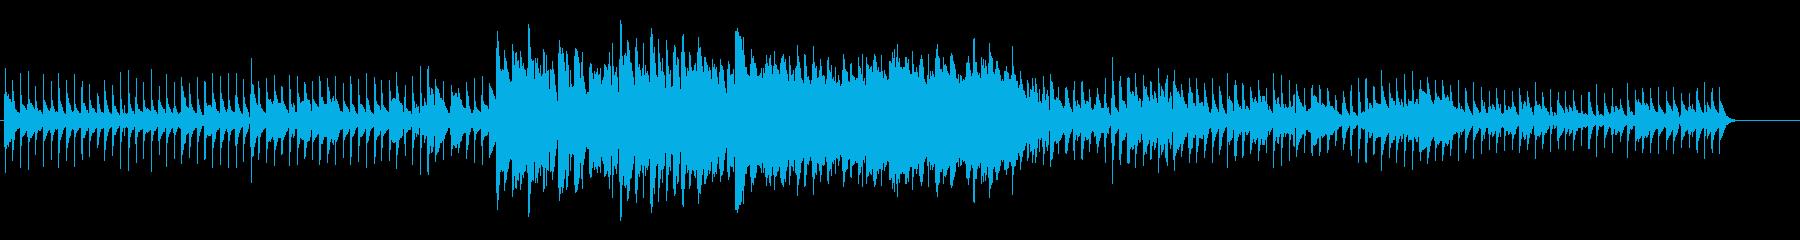 ゆったり風変わりなインディーポップの再生済みの波形